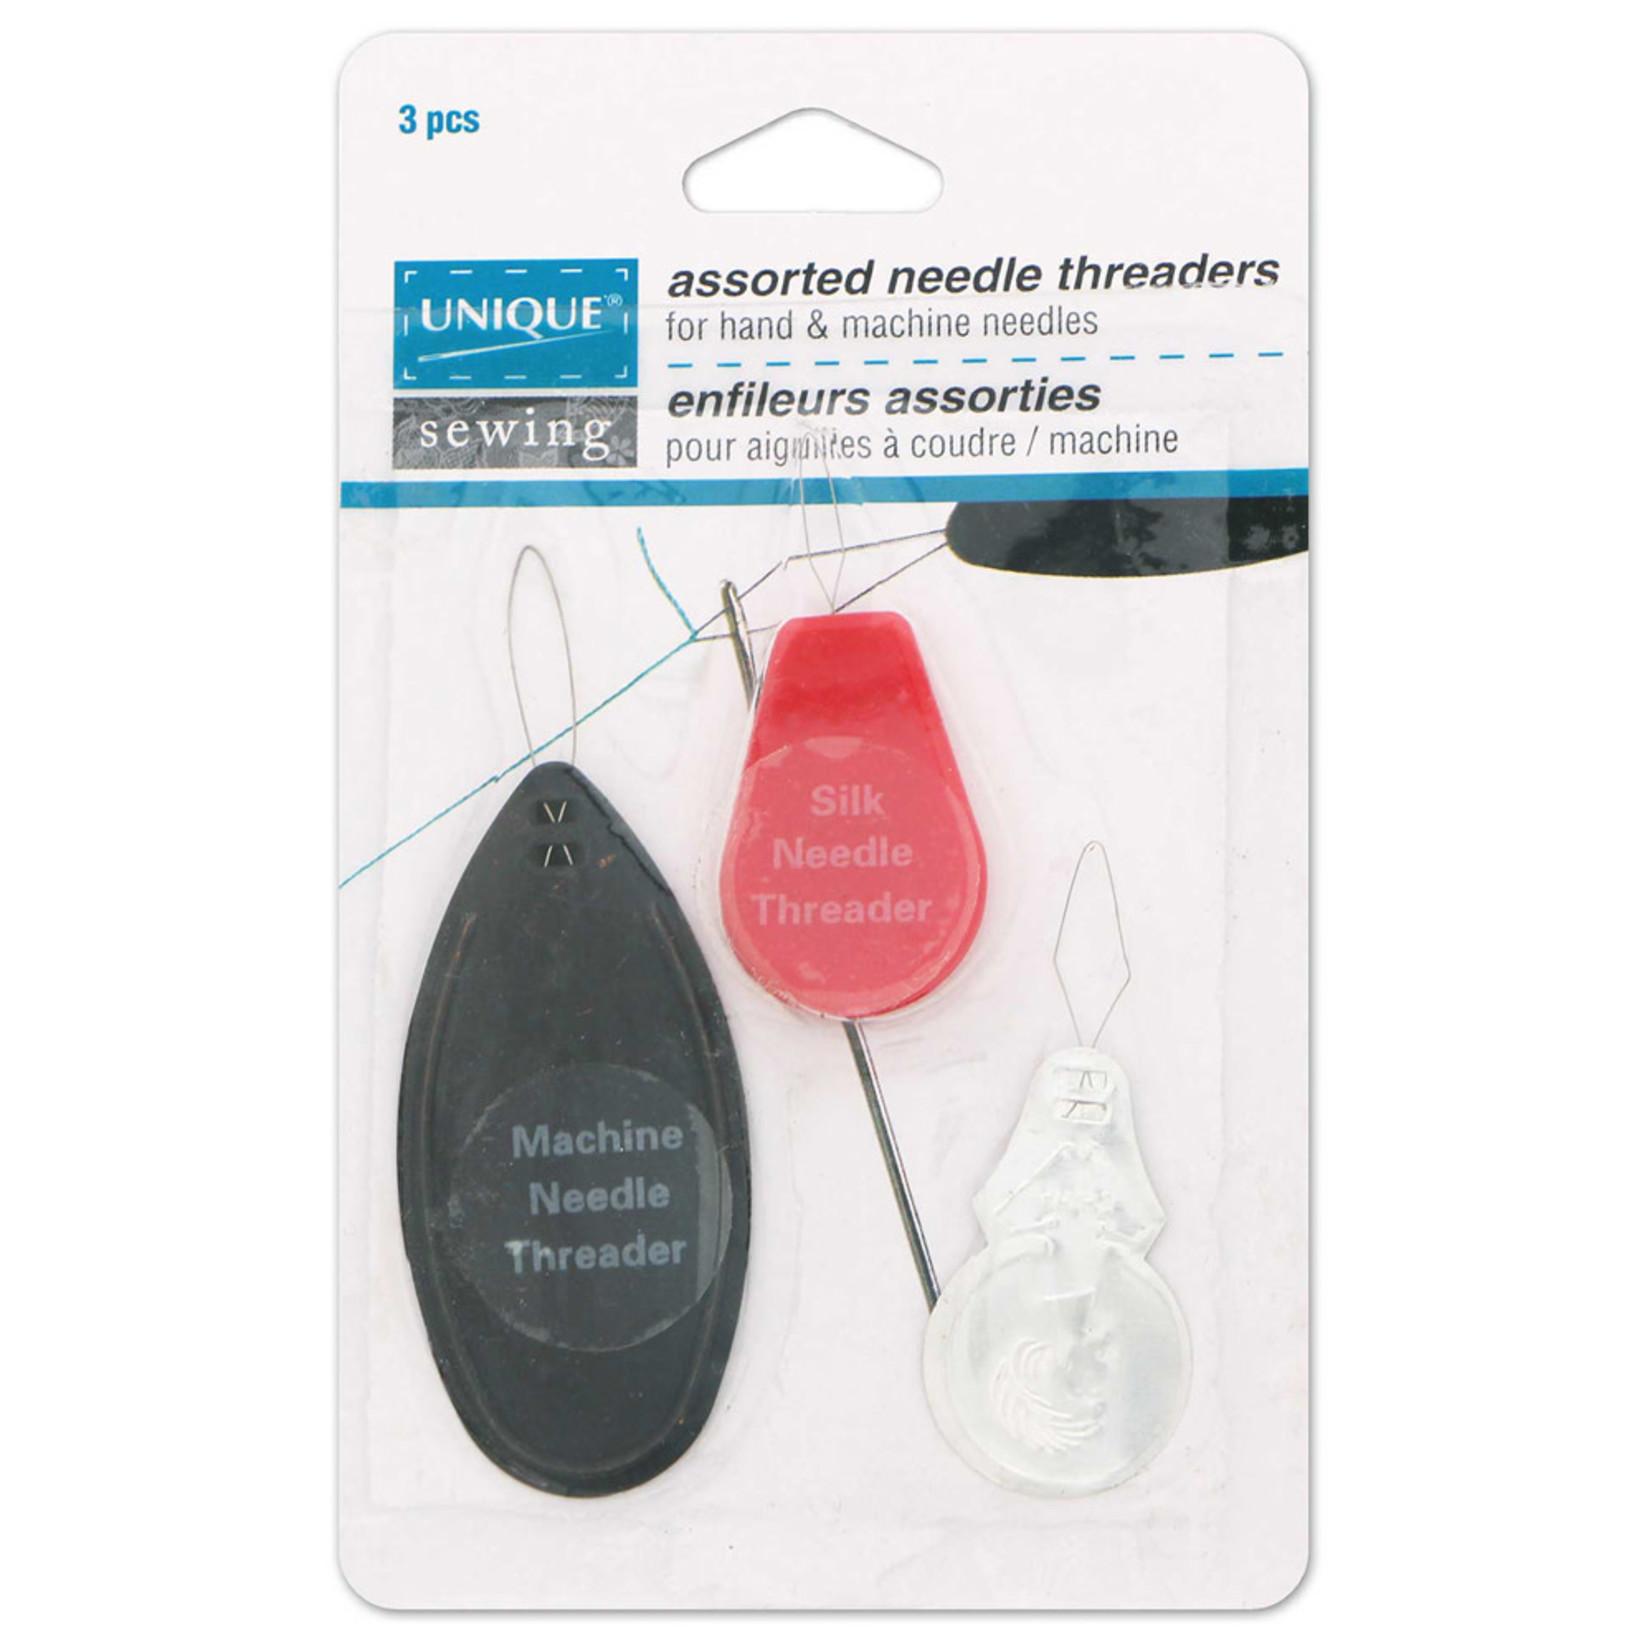 Unique Needle Threader Assortment - 3pcs by UNIQUE SEWING